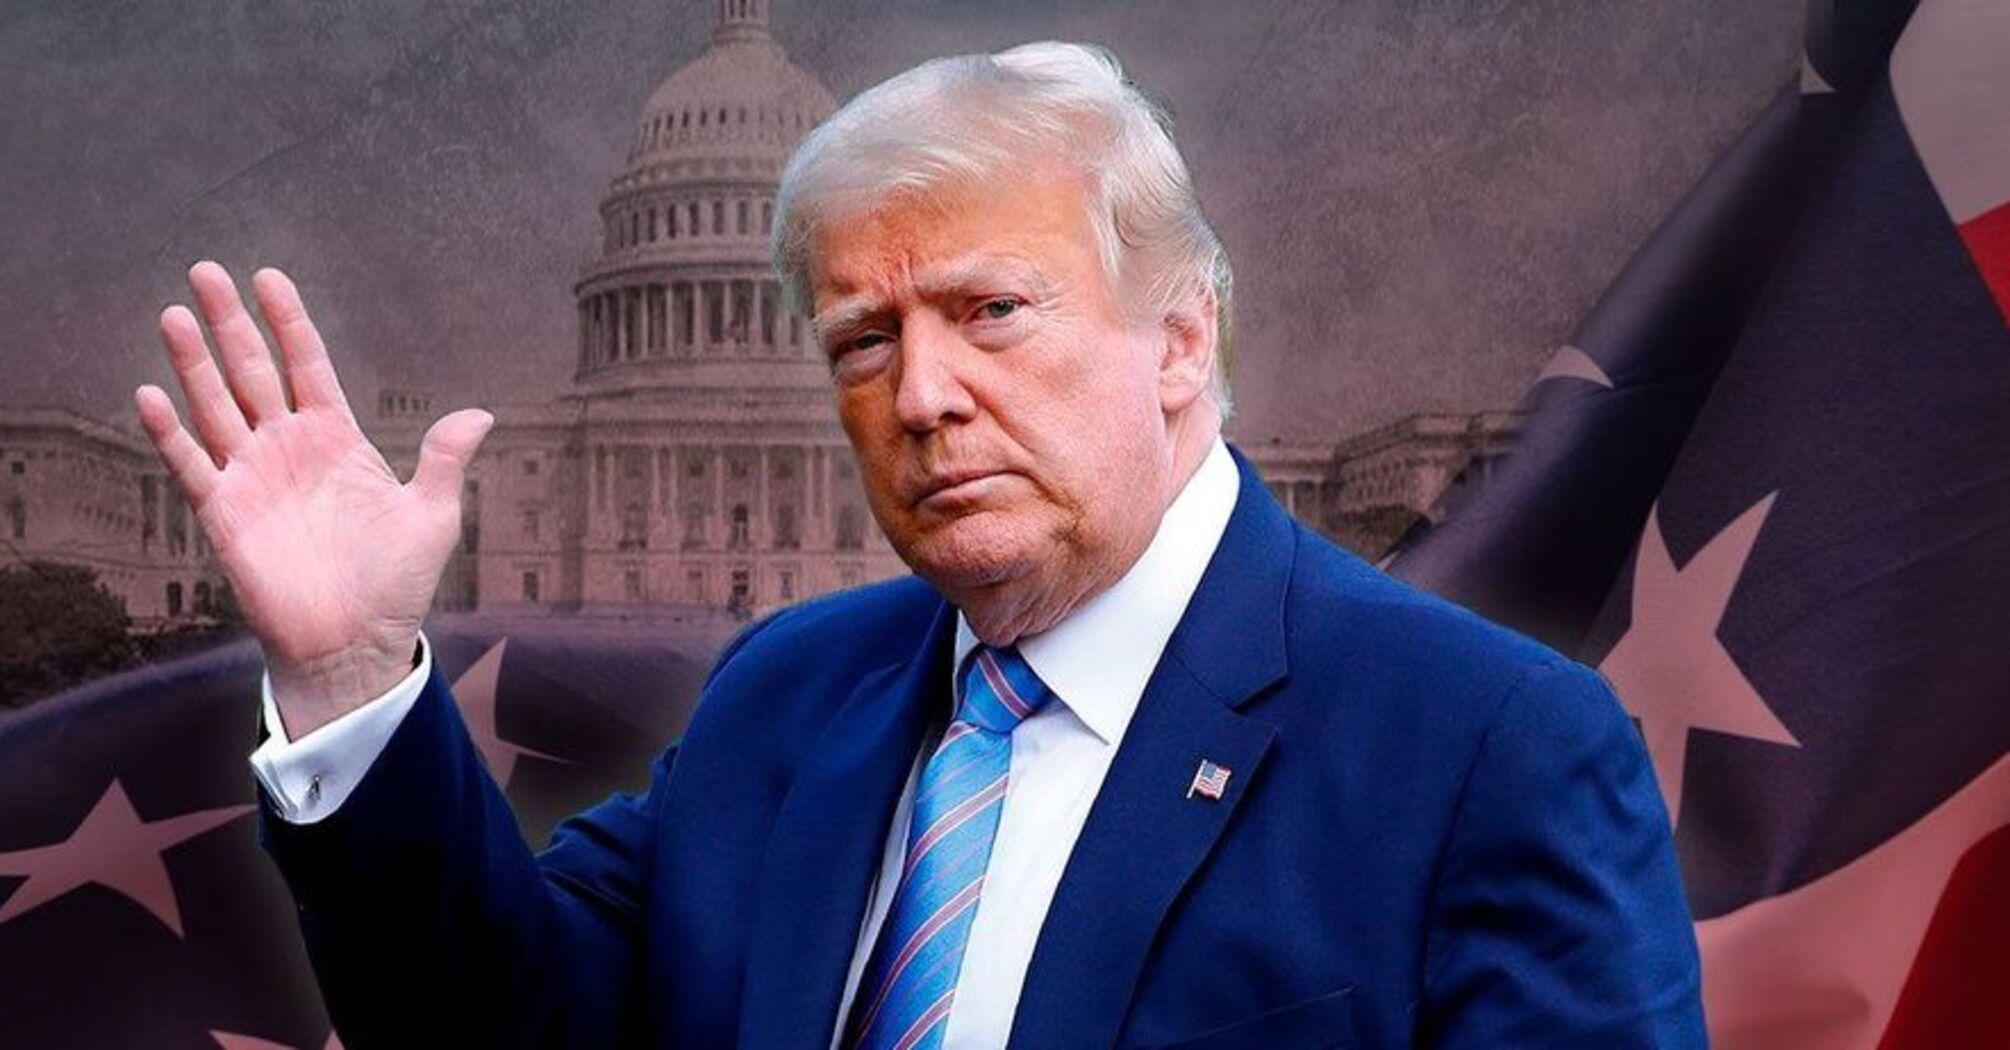 Трамп согласился покинуть Белый дом при одном условии